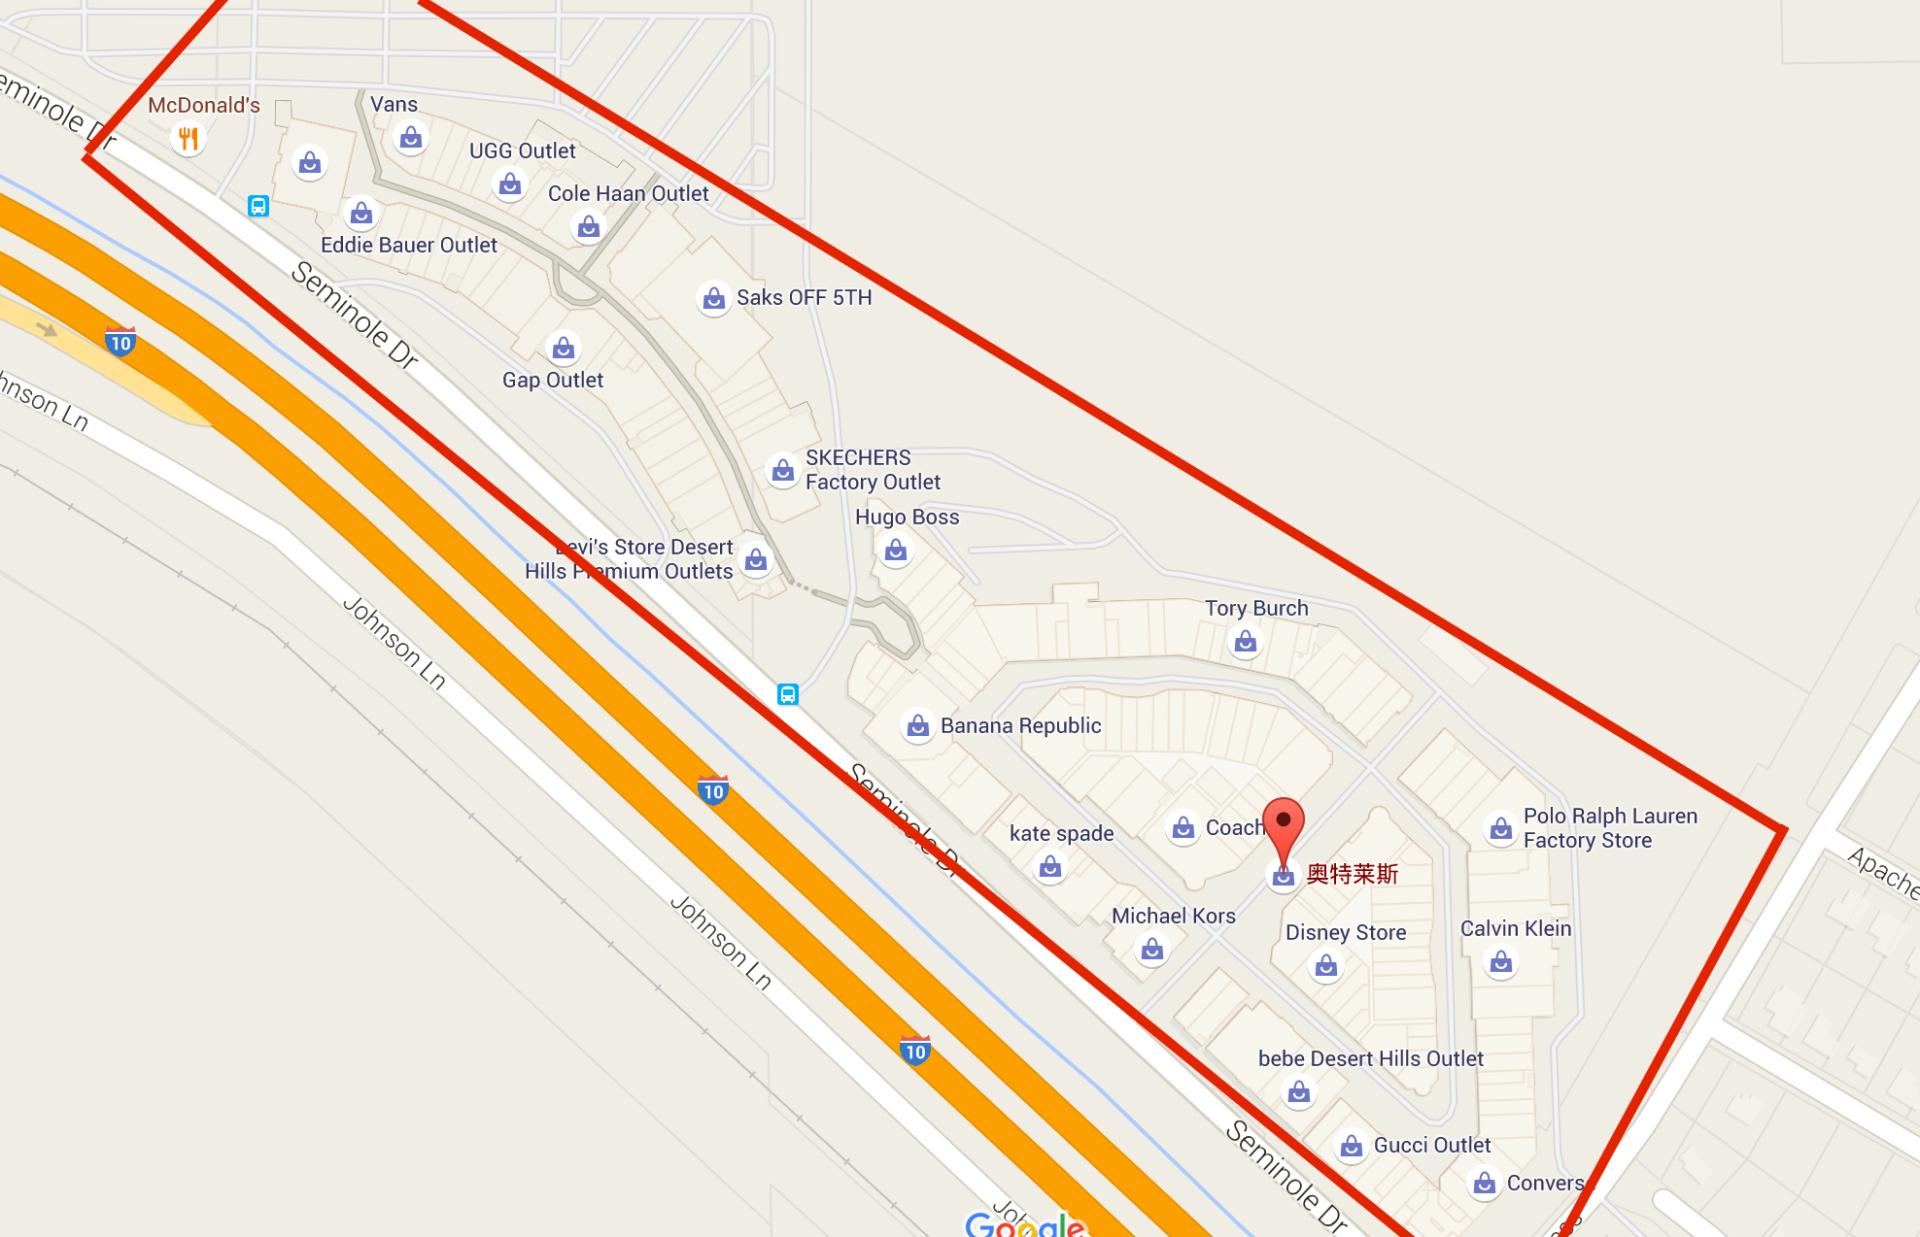 紅色框起來的地方都是 Desert Hills Premium Outlet